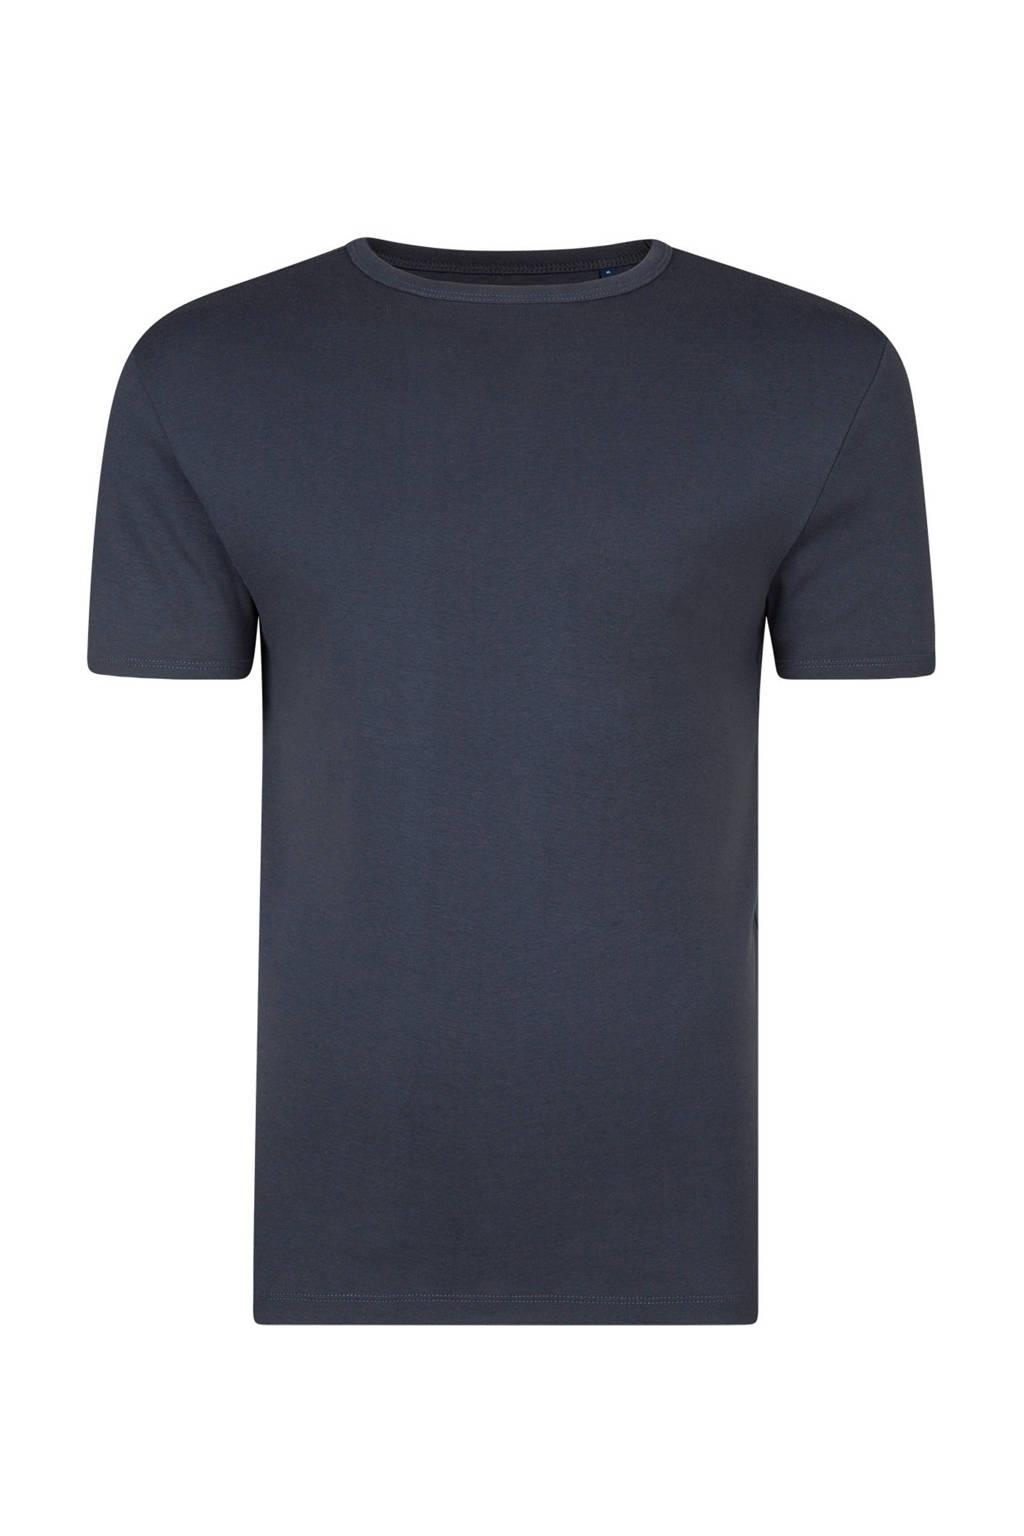 WE Fashion slim fit T-shirt, Blauw